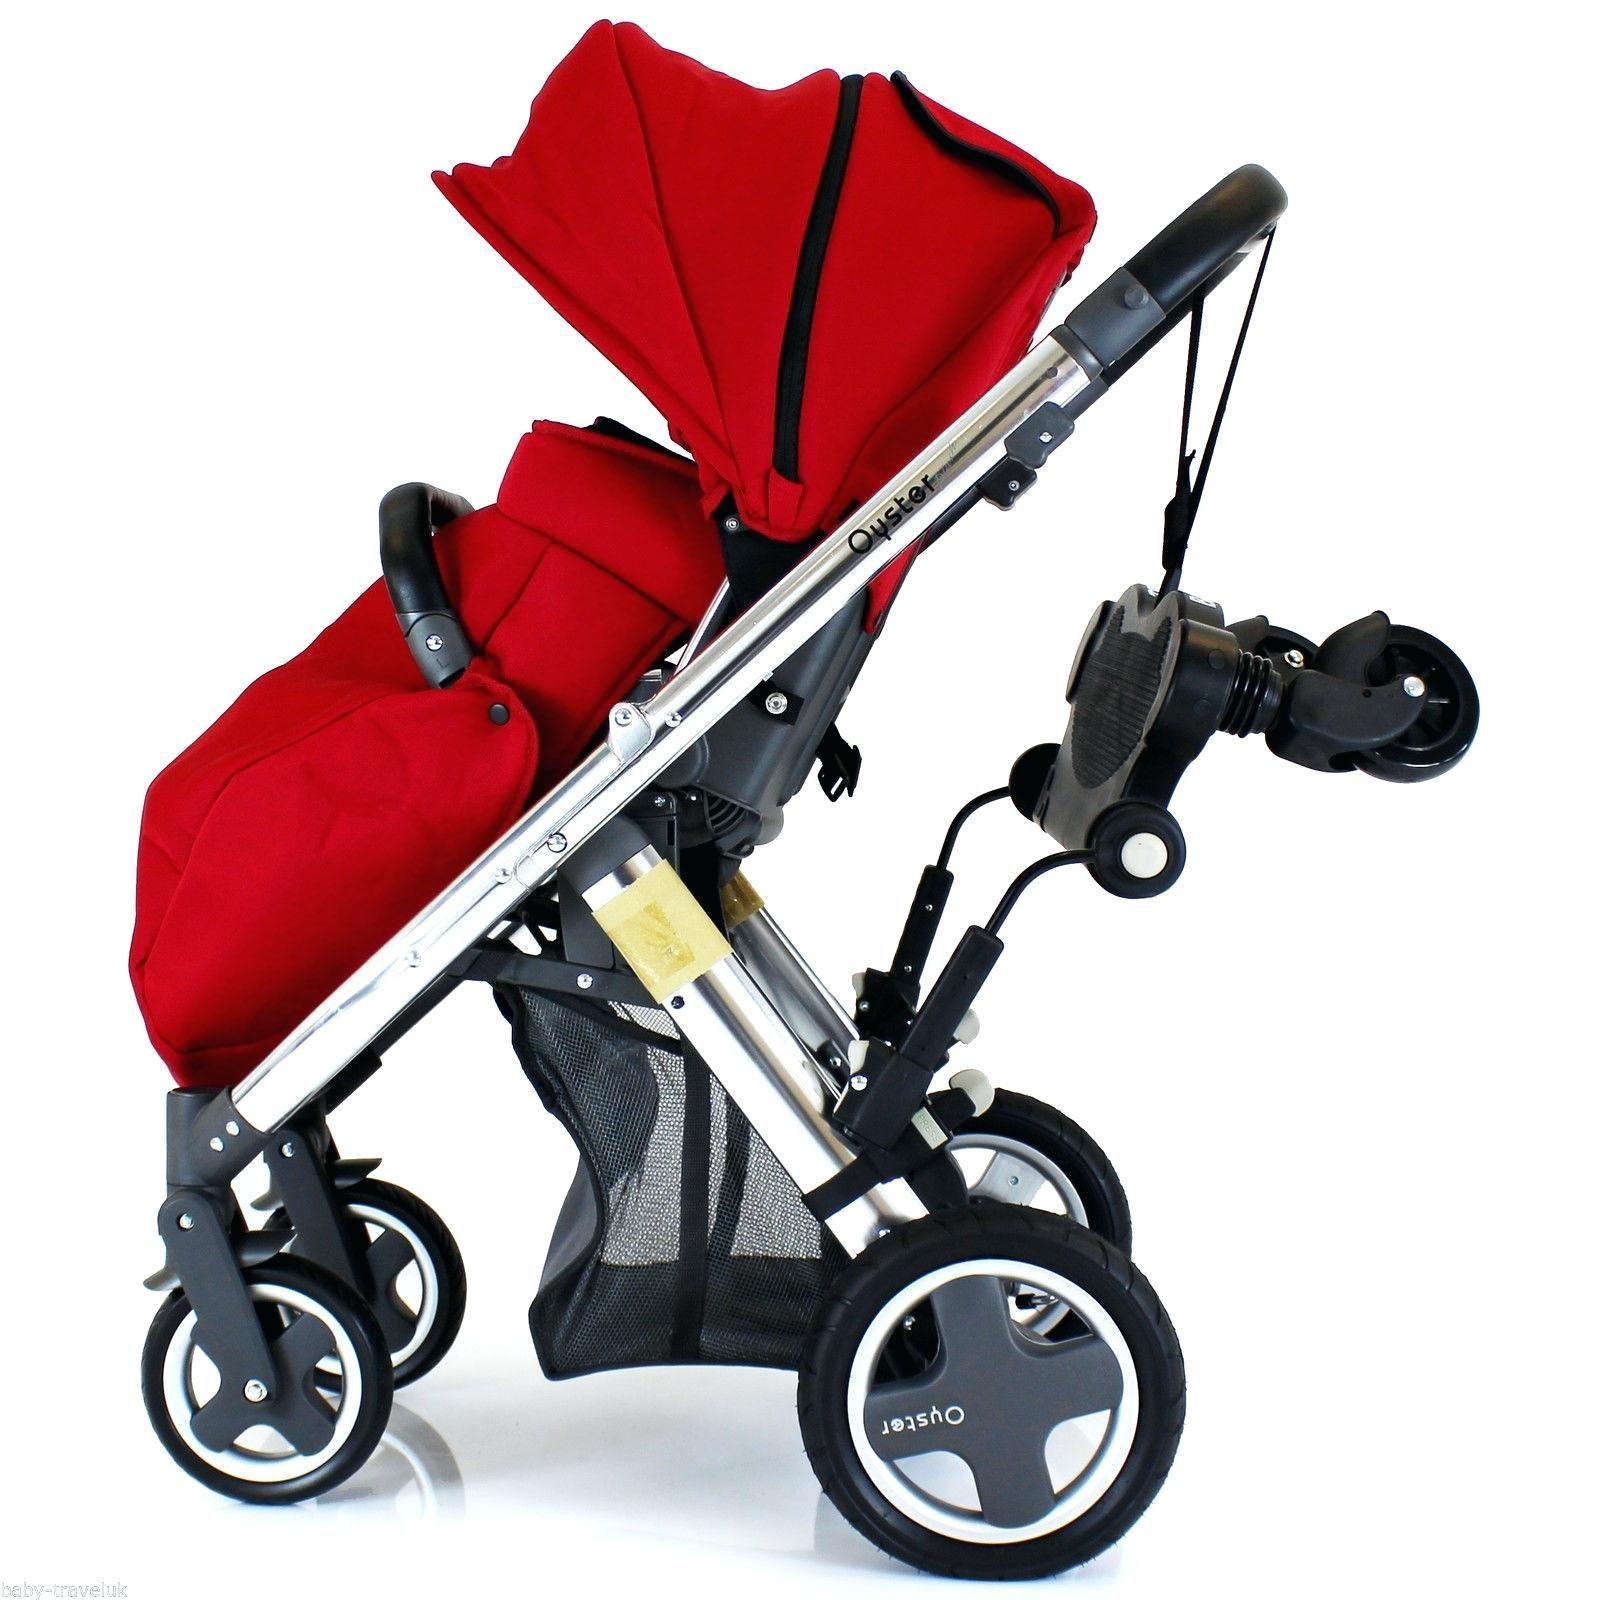 Englisch Stil Baby Kinderwagen Neu Buggy Board Fur Oyster Buggy Kinderwagen Pram Fahrt Auf Schritt Pink Kombikinderwagen Stroller Baby Strollers Baby